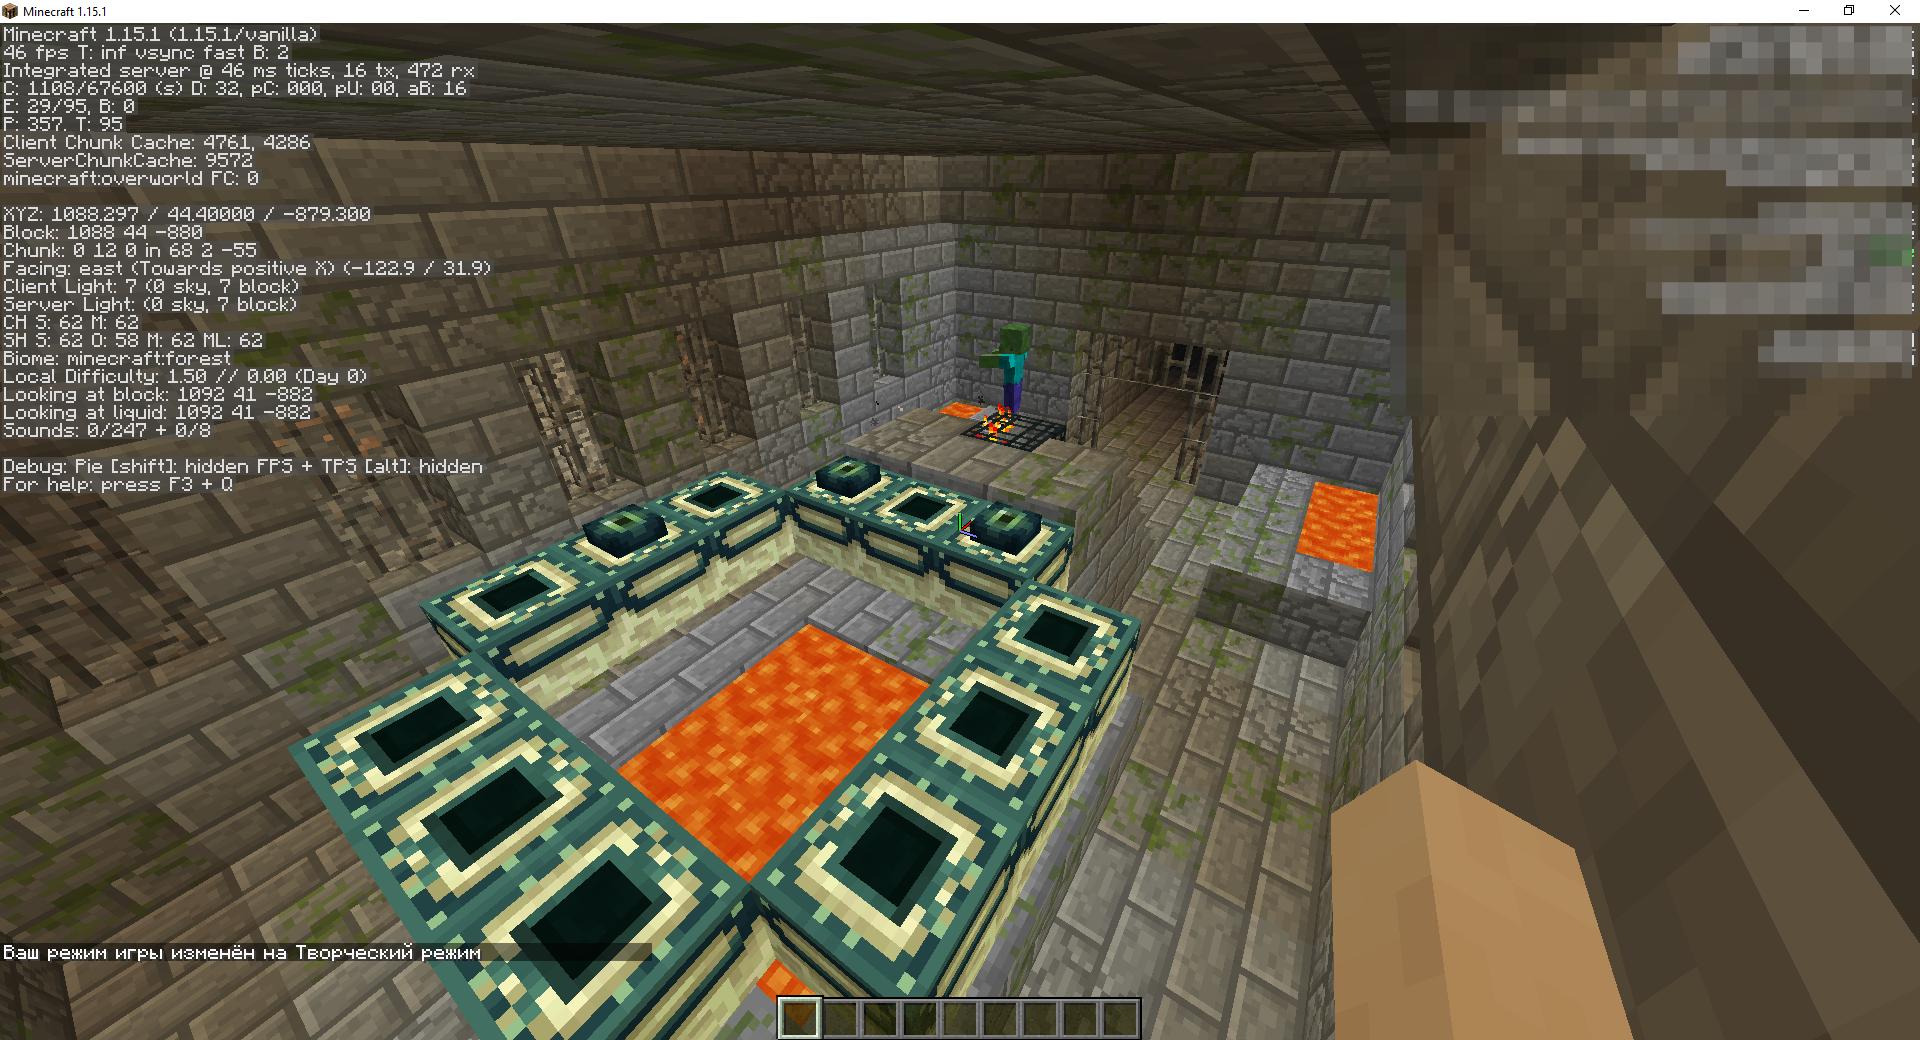 Сид «Подземная крепость и портал в край» - скриншот 5